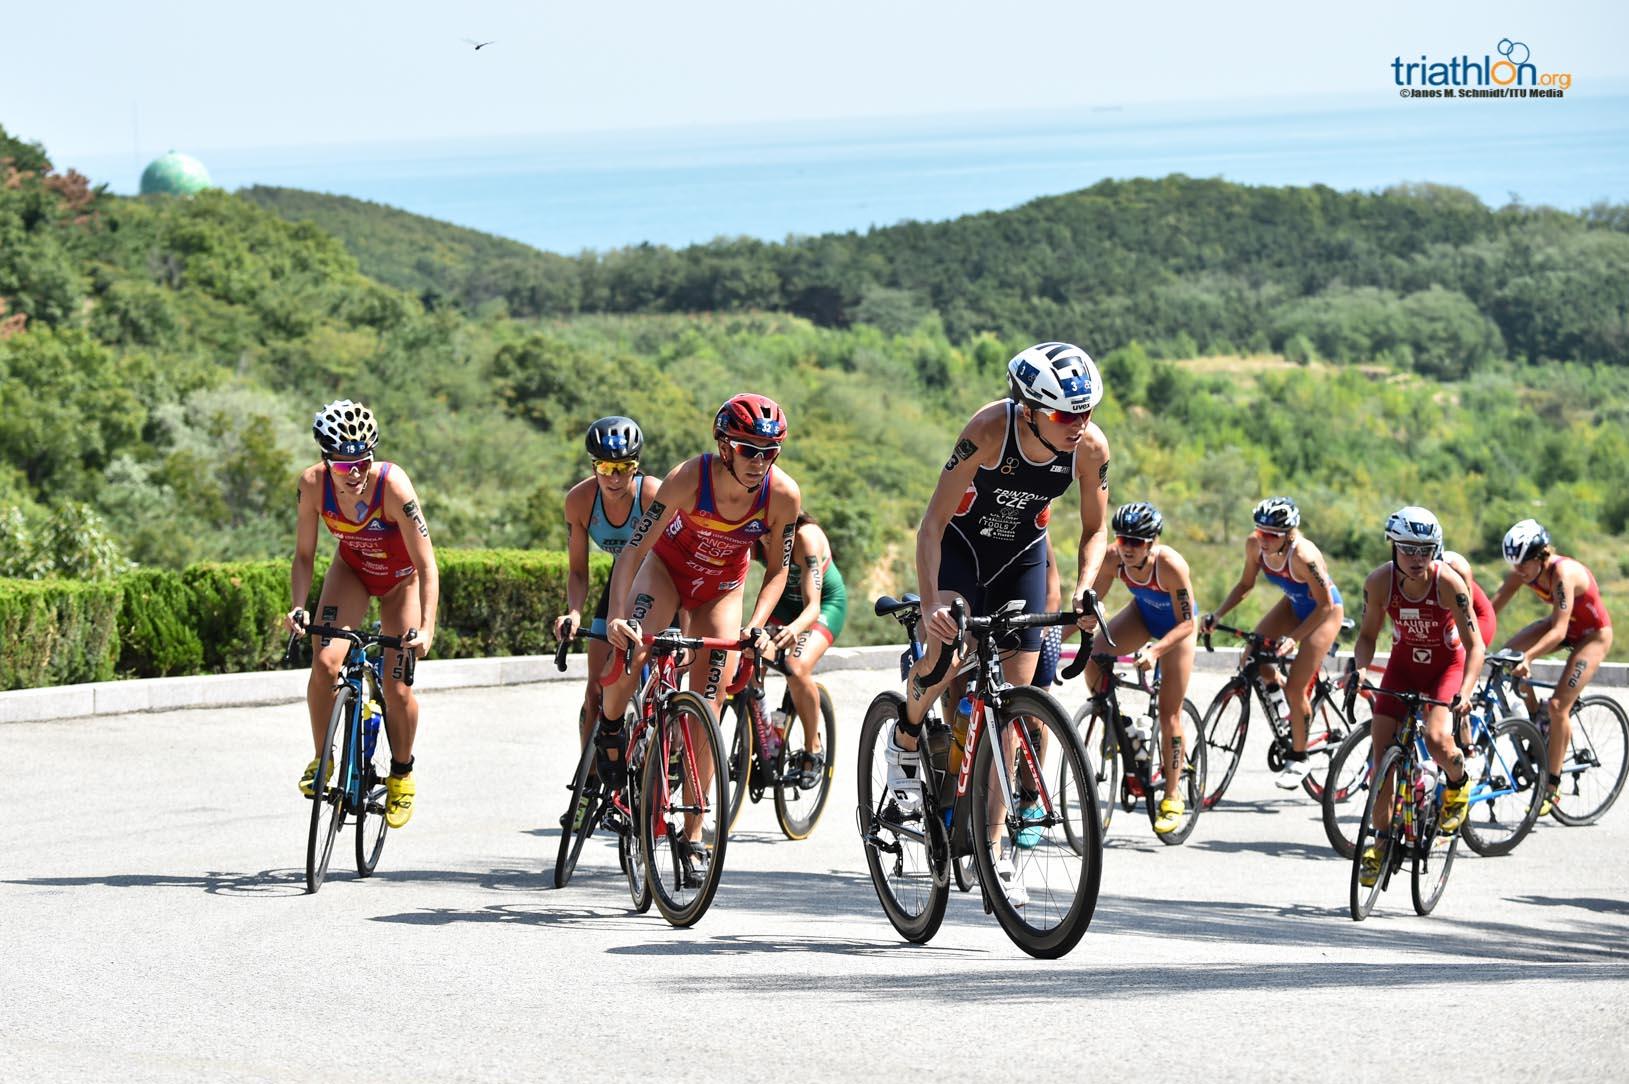 Claire Michel in de achtervolgende groep (foto: ITU/Janos M. Schmidt)